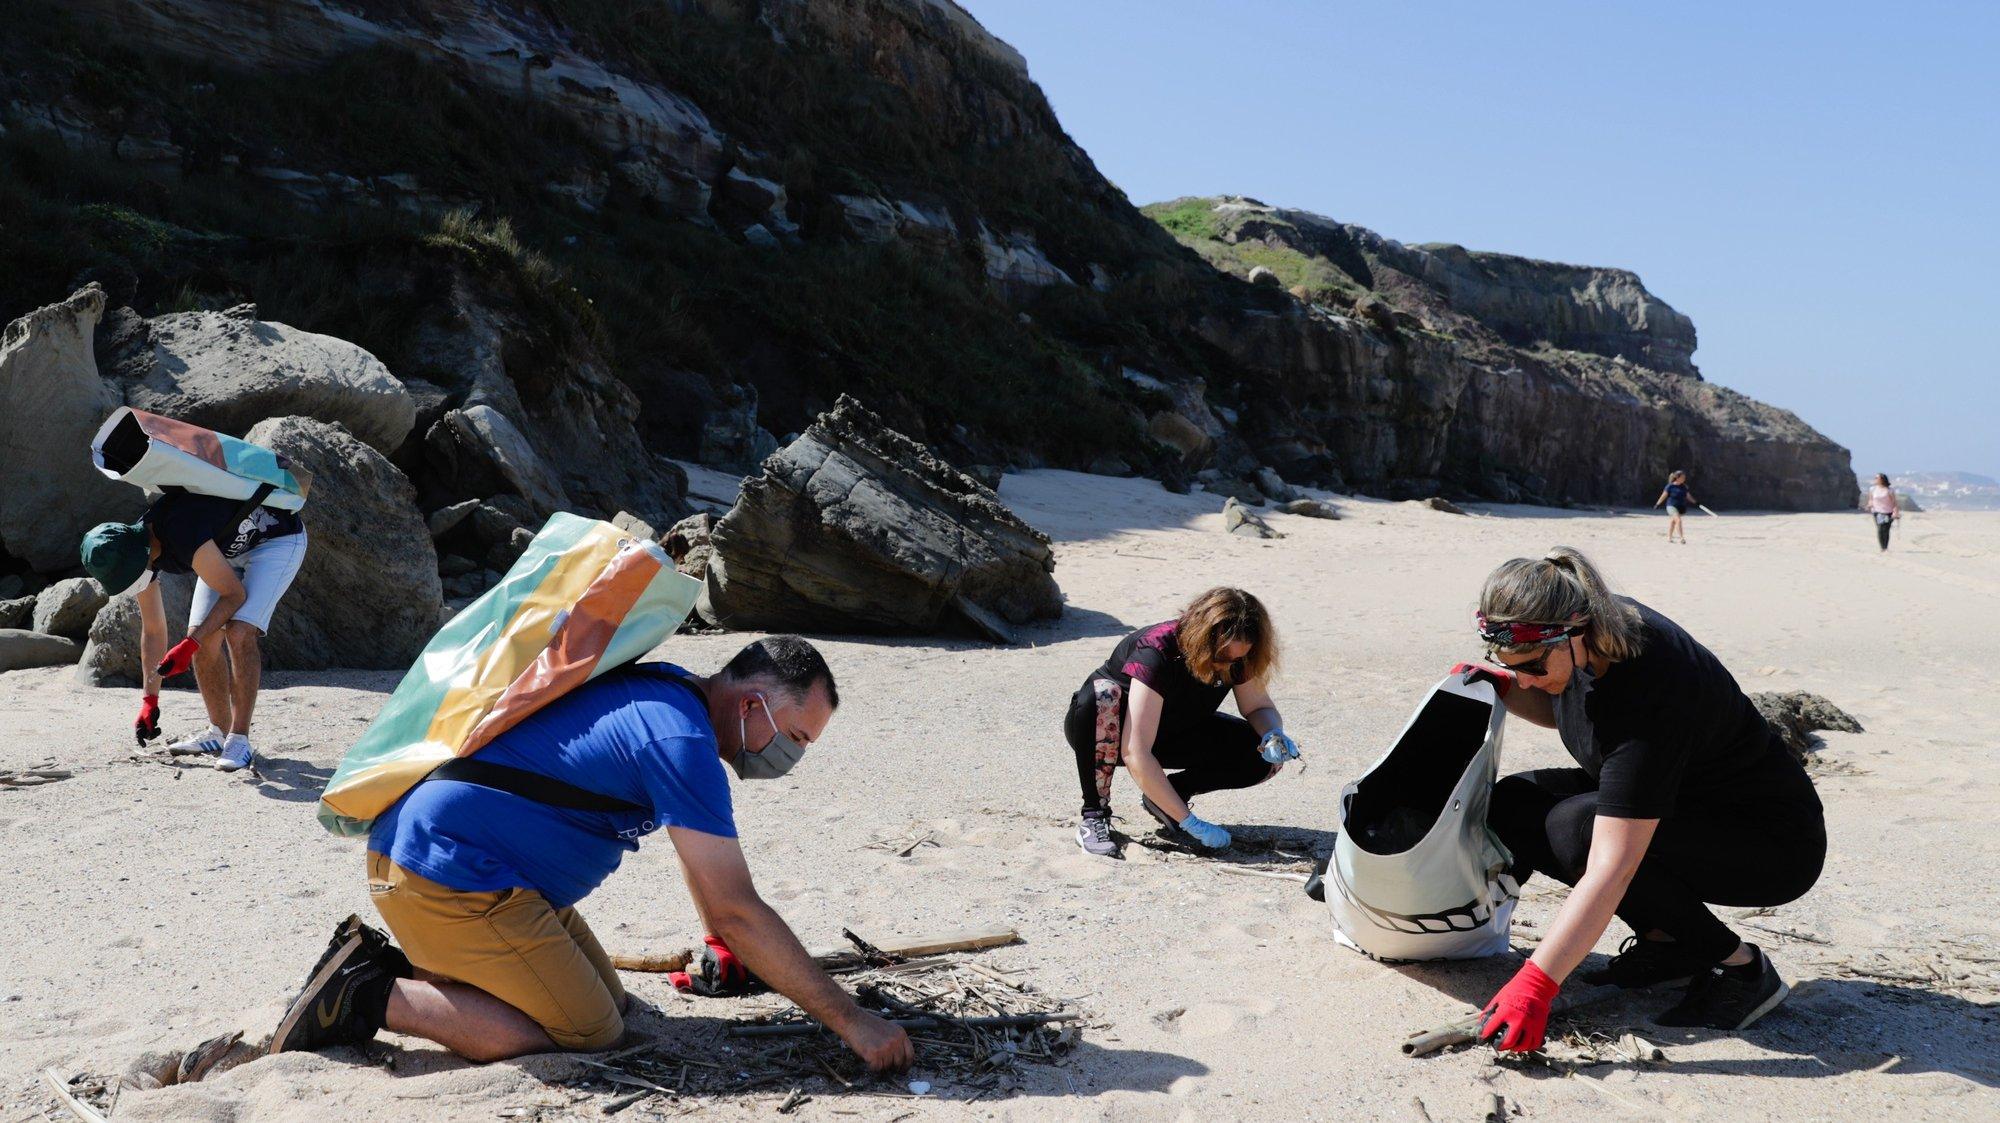 """Voluntários da associação ambiental """"Oceanos sem Plásticos"""" fizeram a primeira ação de recolha de lixo e plásticos pós confinamento, na praia do Amanhã em Santa Cruz, Mafra, 17 de maio de 2020. TIAGO PETINGA/LUSA"""